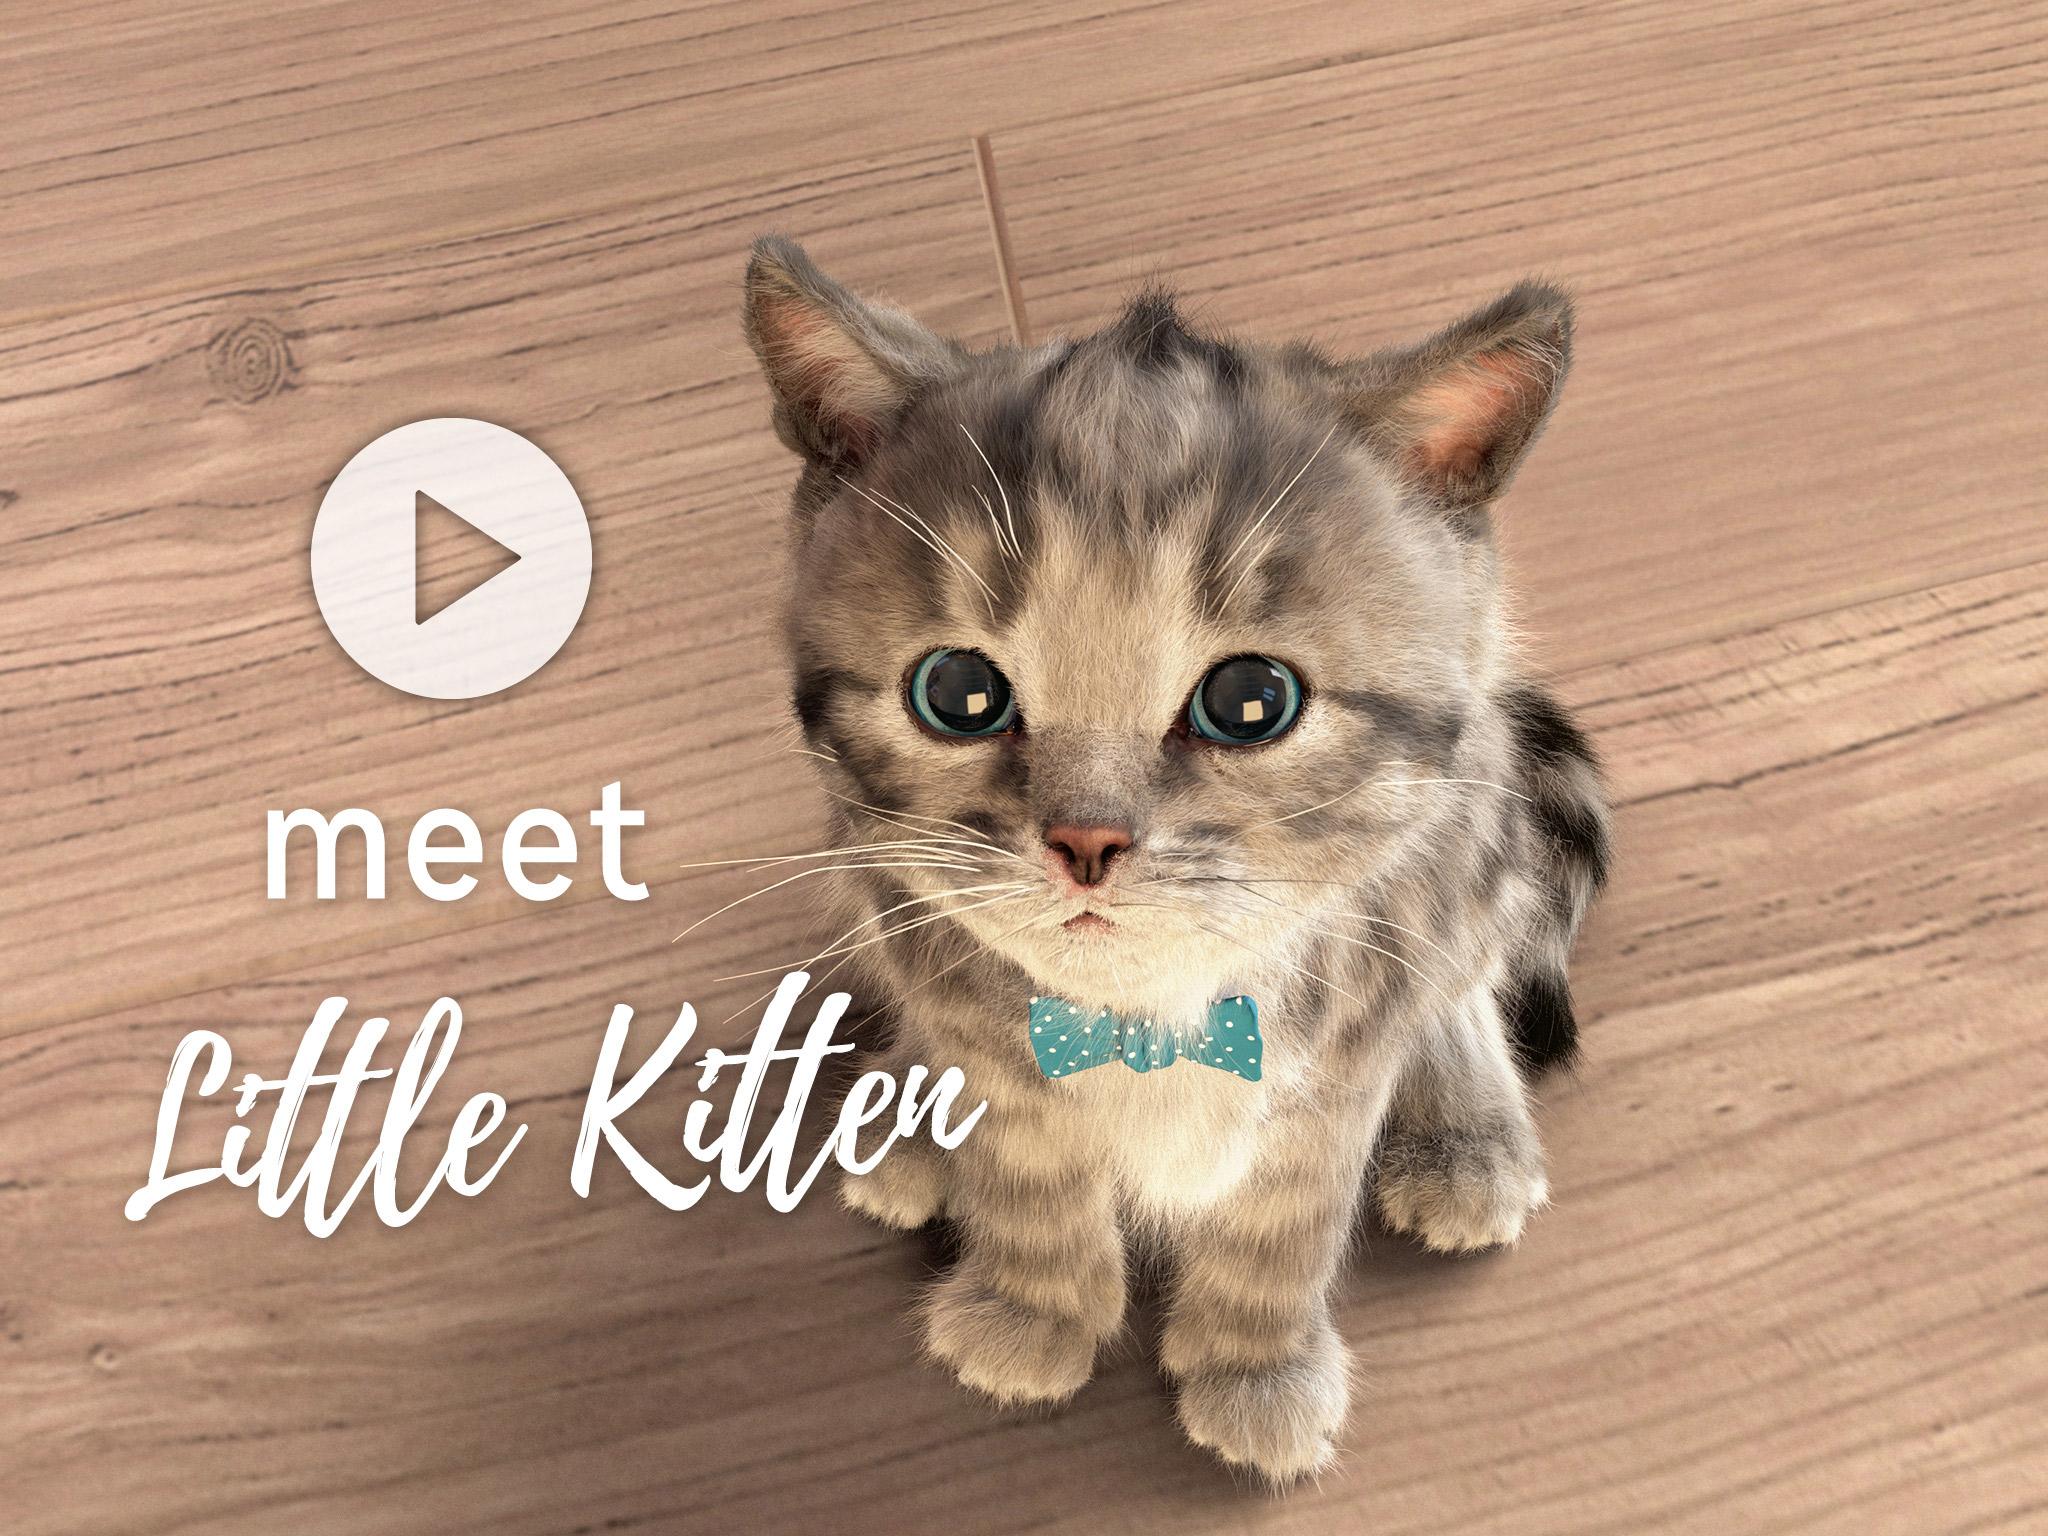 Little Kitten – My favorite Cat Squeakosaurus